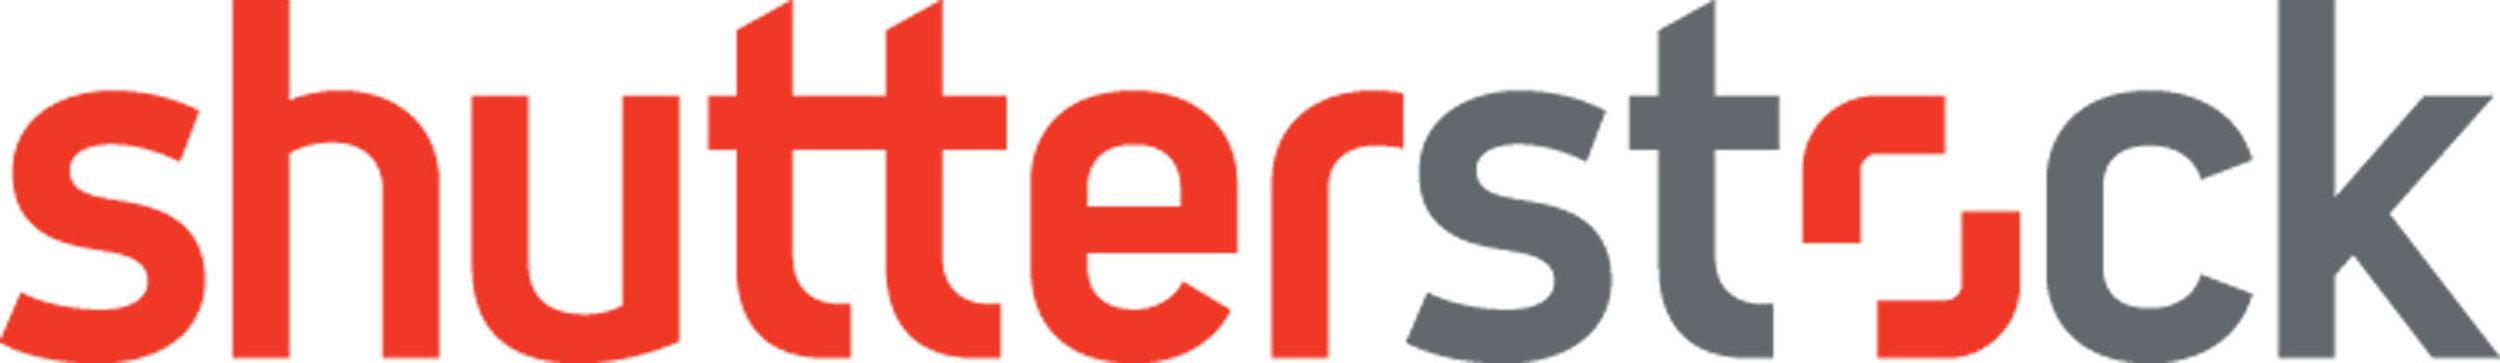 logo-shutterstock.jpeg